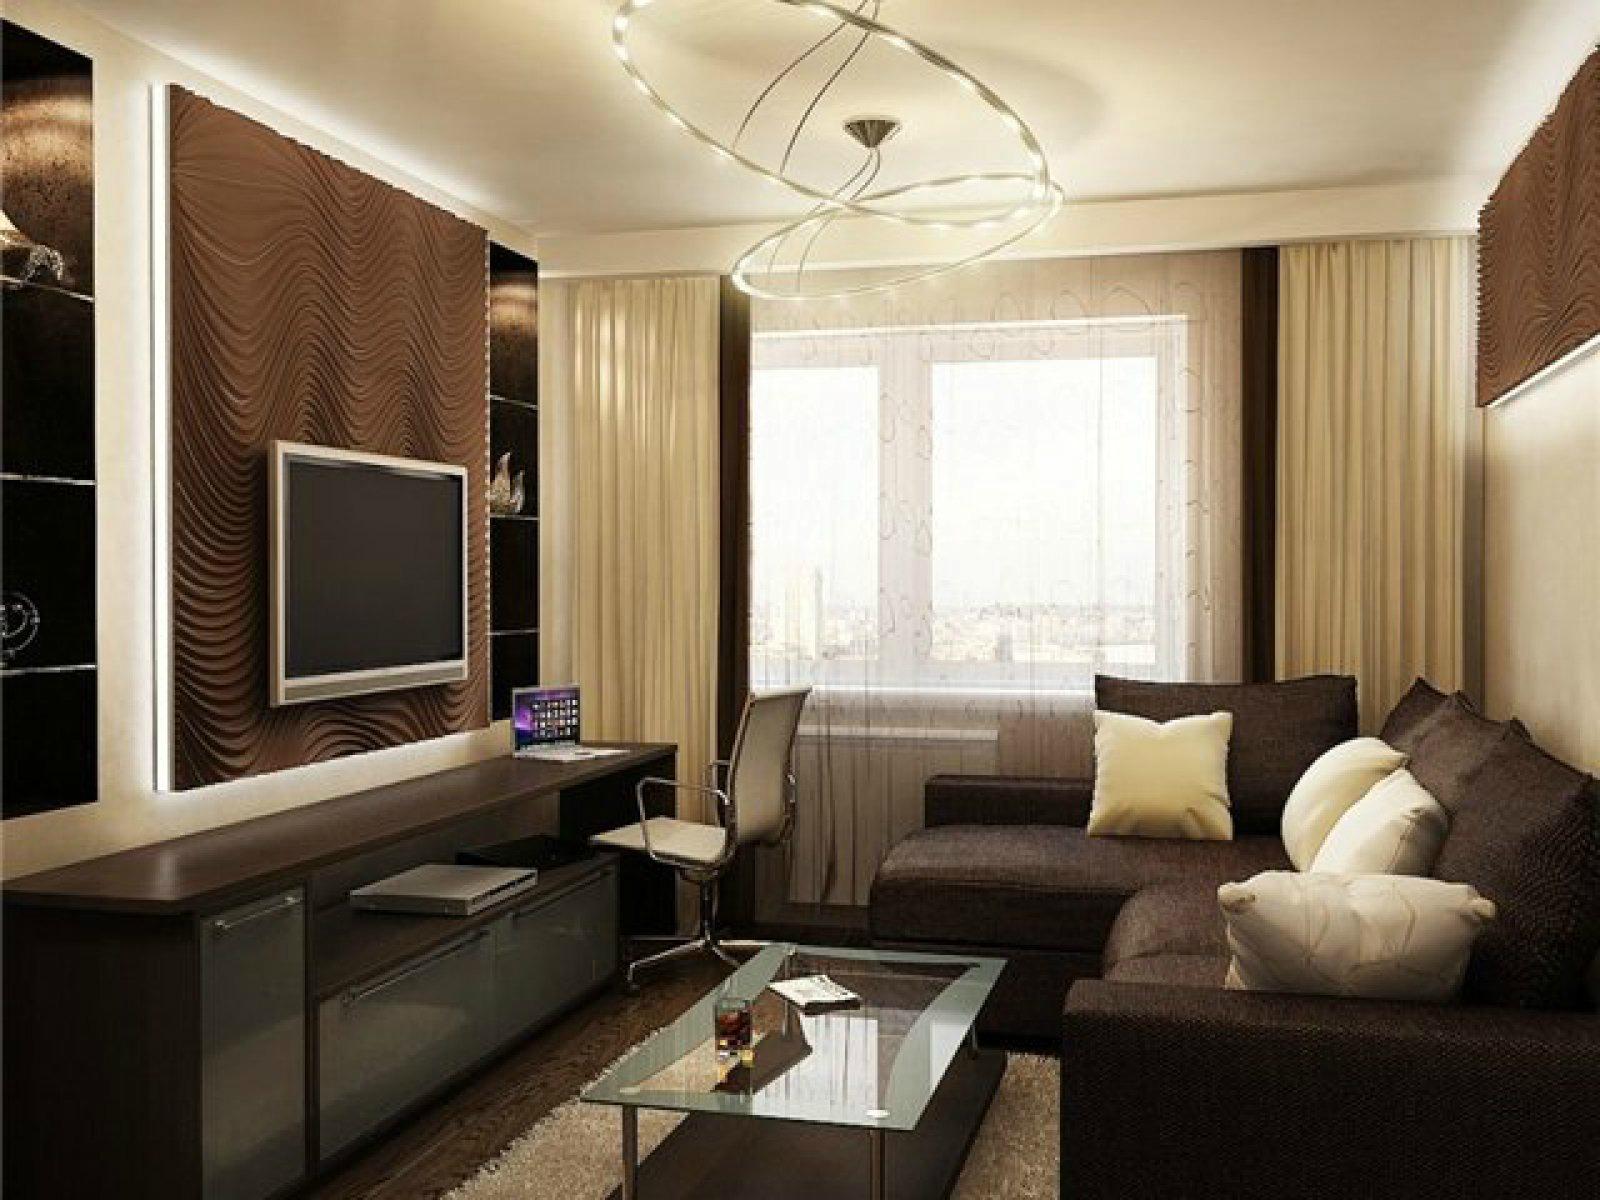 Ремонт гостиной своими руками: фото-идеи интерьера в квартир.